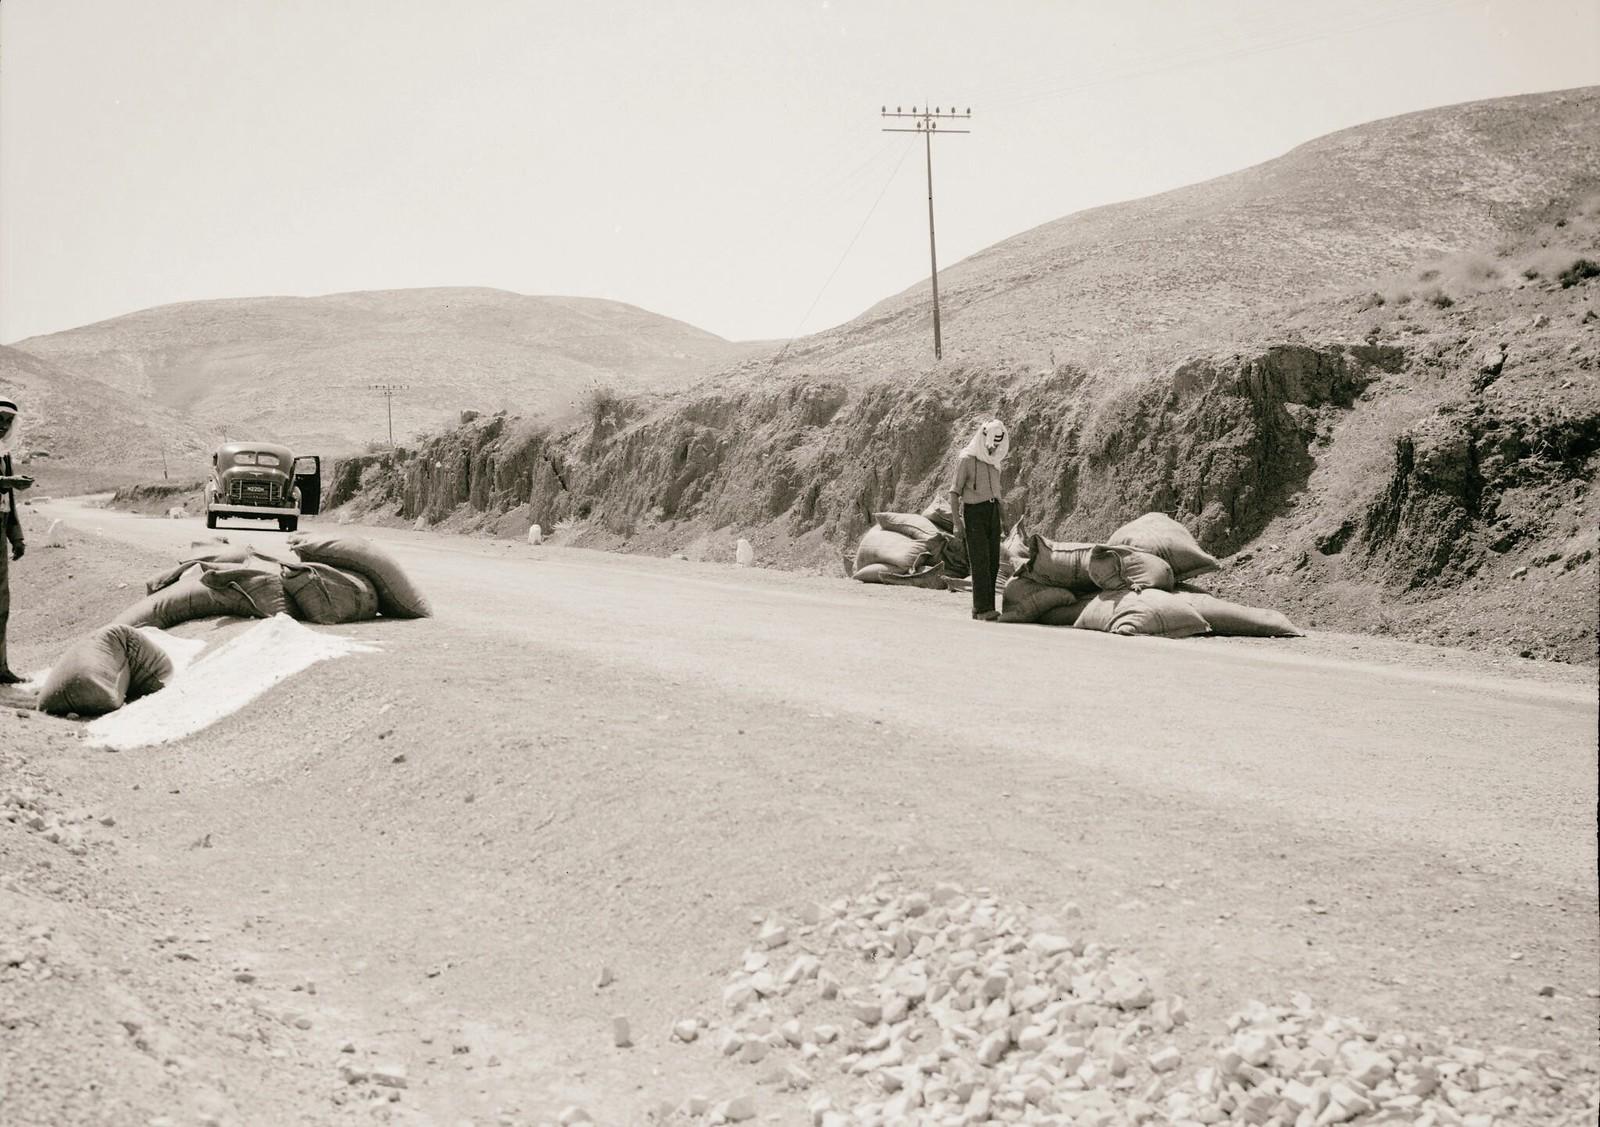 14. 1938. На дороге в Иерихон сожгли грузовики с калием. Мешки, сброшенные вдоль дороги из тяжело загруженных грузовиков во время попытки бегства от бандитов